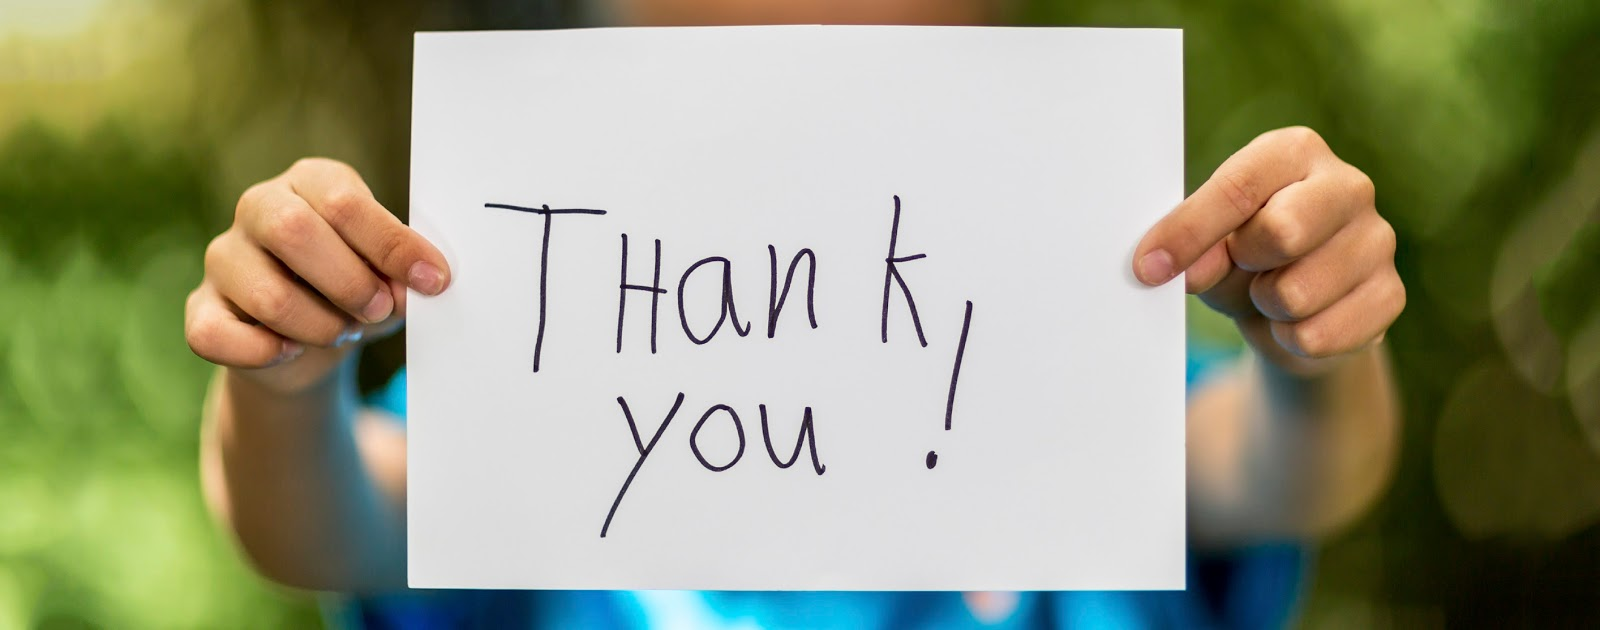 ما معنى كلمة Thank You Very Much بالعربي